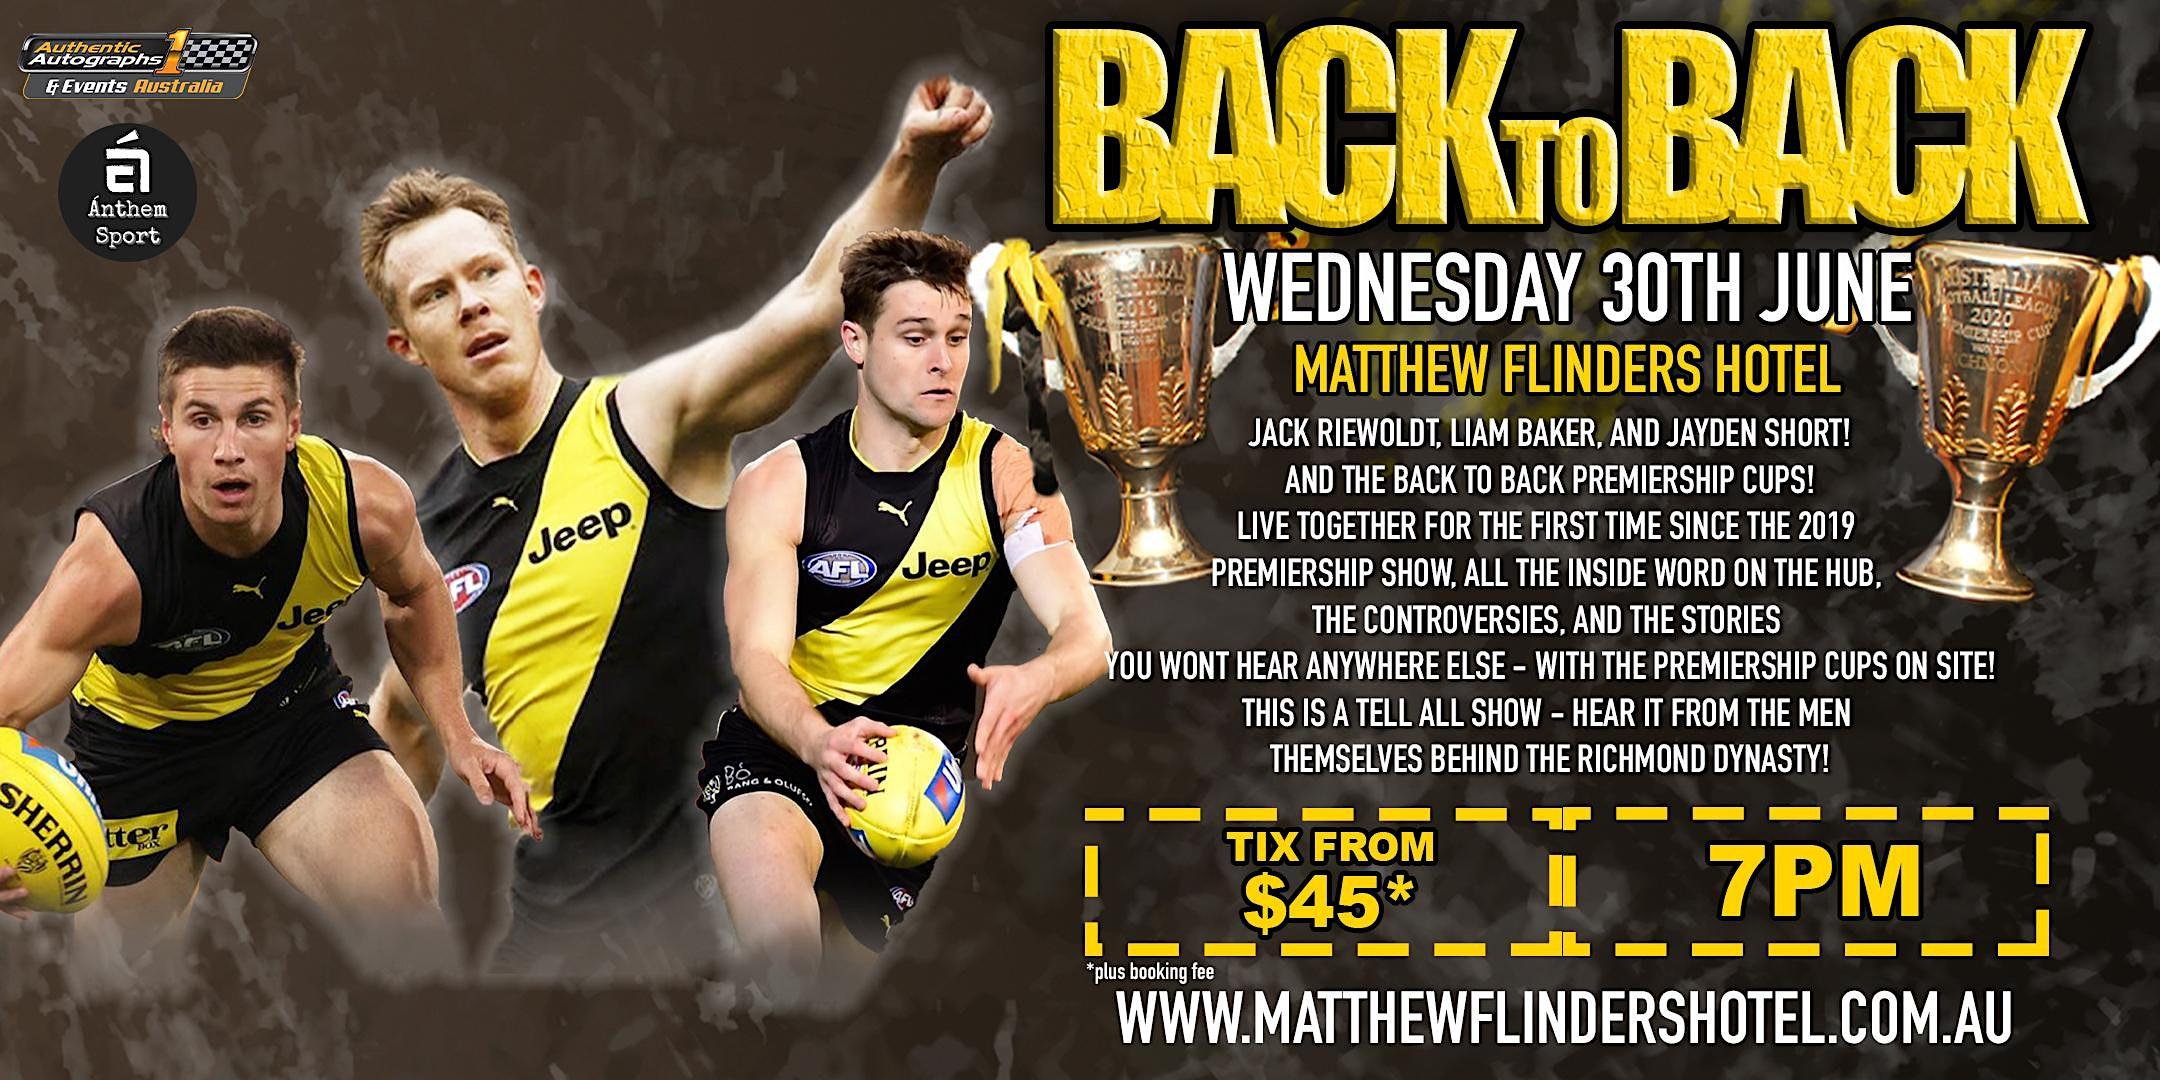 Back 2 Back Premiers Reiwoldt, Baker & Short LIVE at Matthew Flinders Hotel